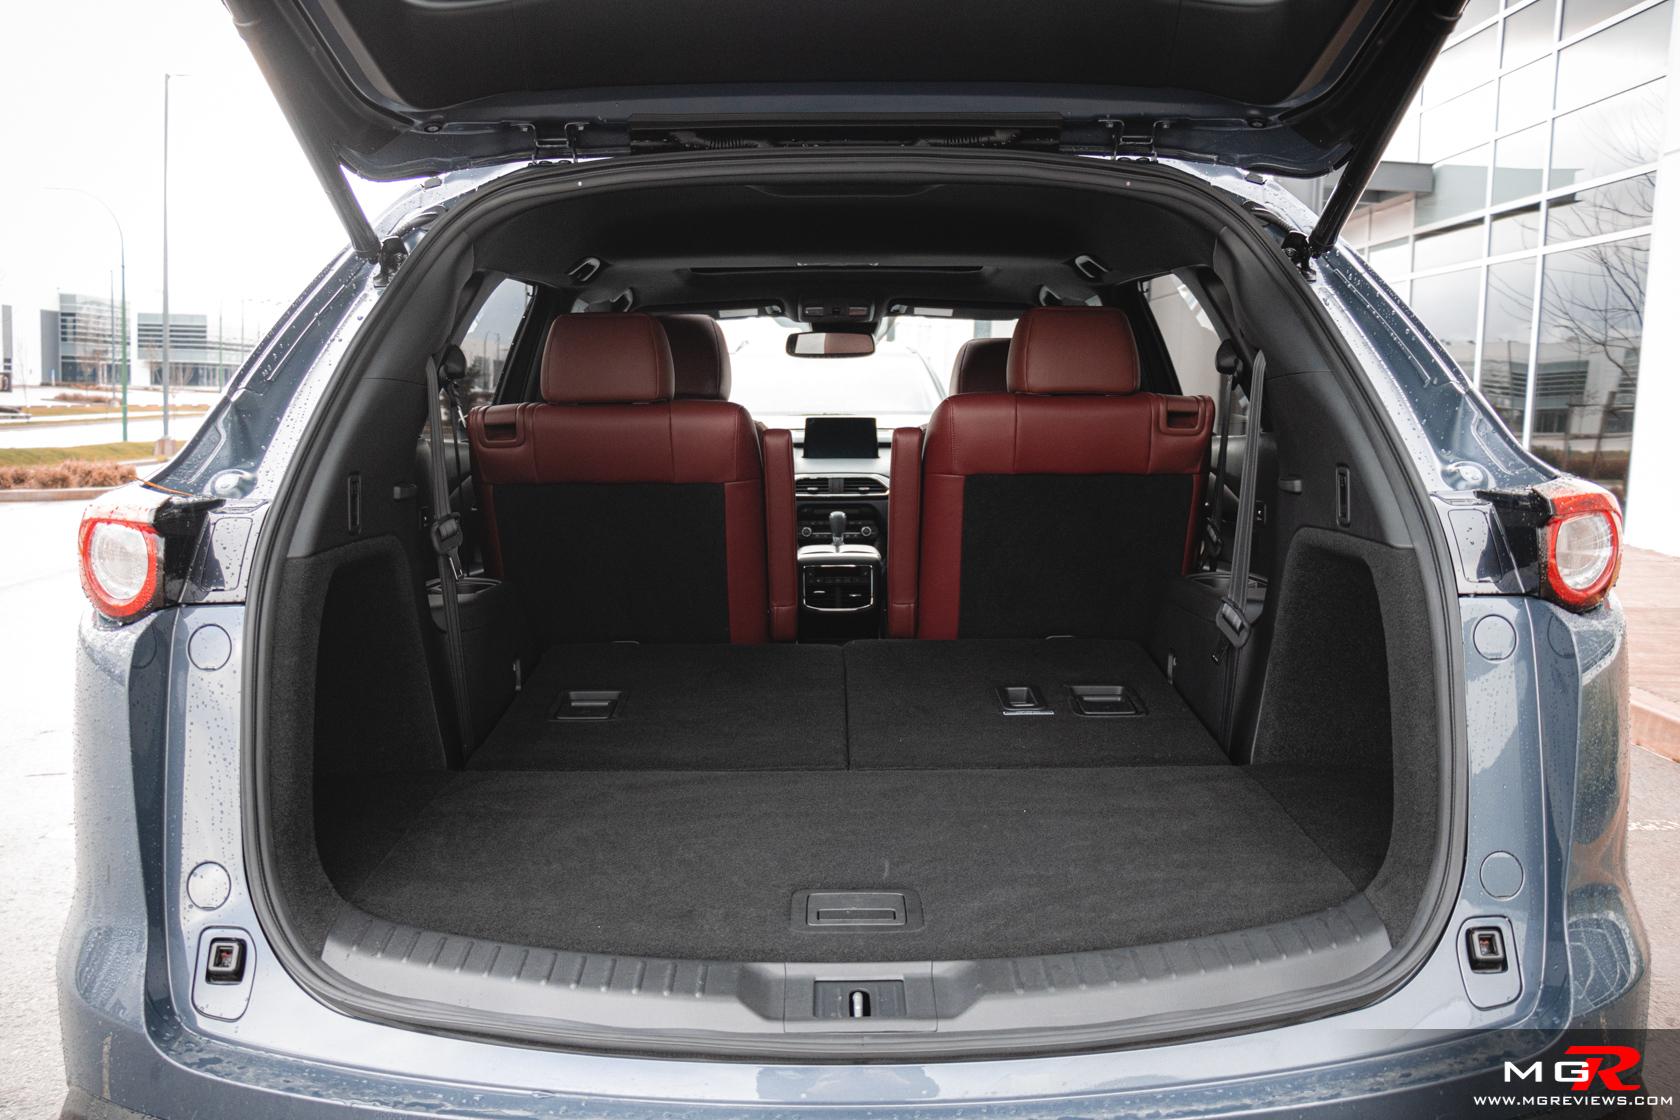 Comparison: 2021 Kia Sorento vs 2021 Mazda CX-9 - M.G.Reviews